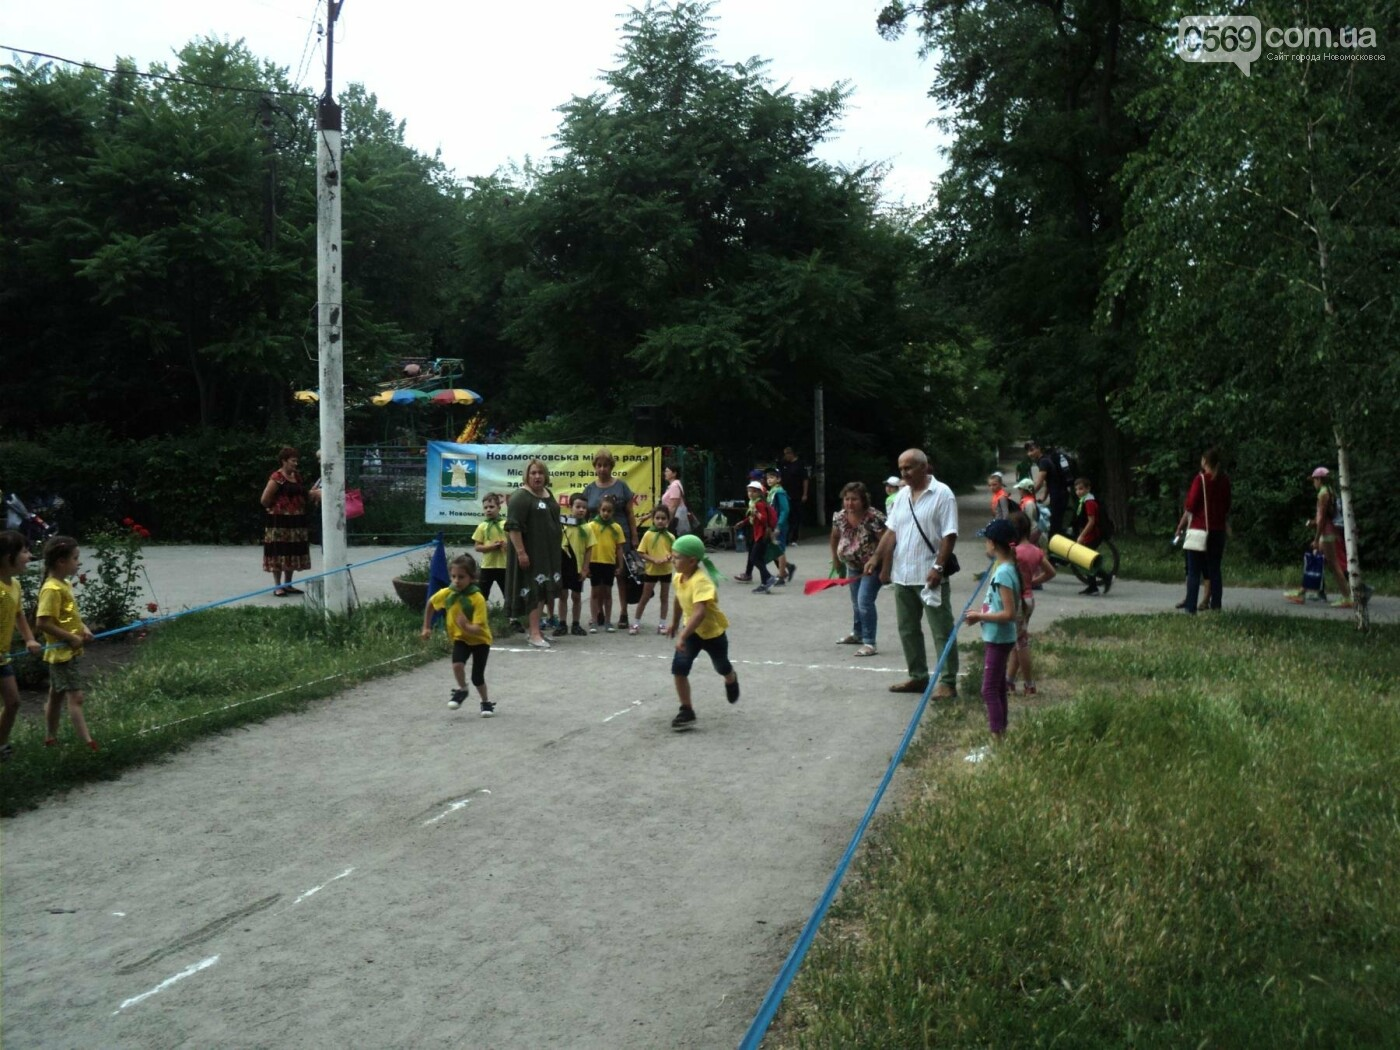 Новомосковські дітлахи відзначили Міжнародний Олімпійський день , фото-2